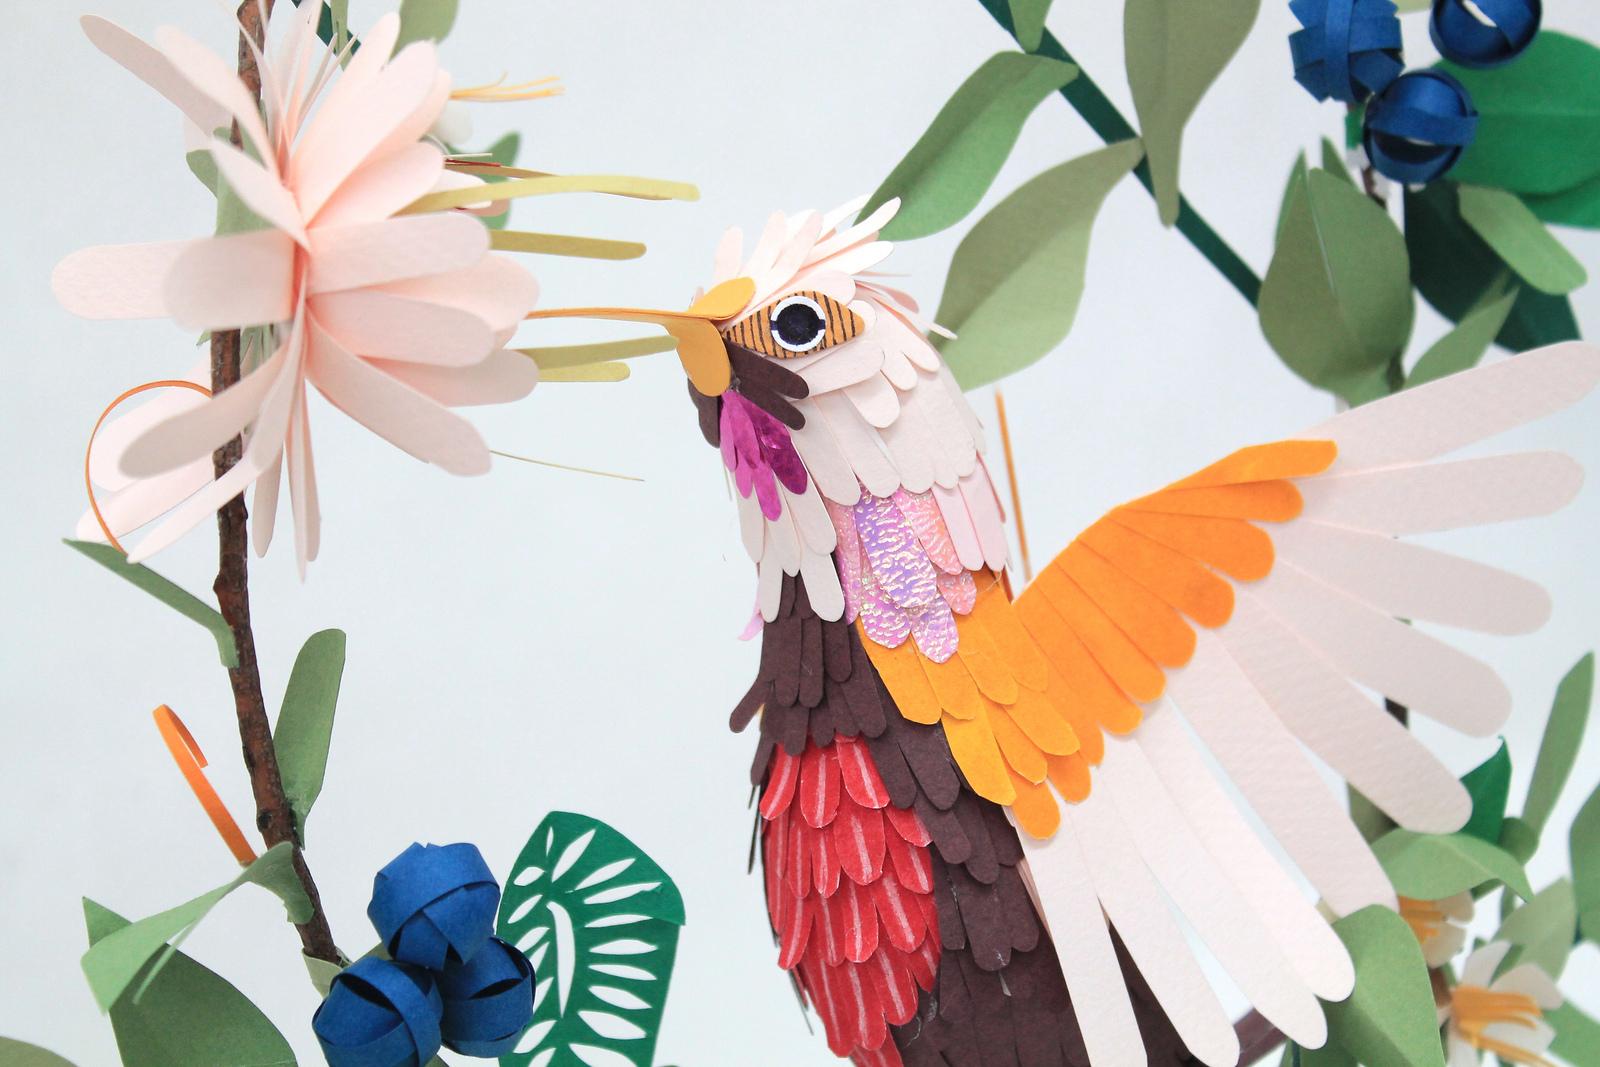 paper-birds-diana-beltran-herrera-12